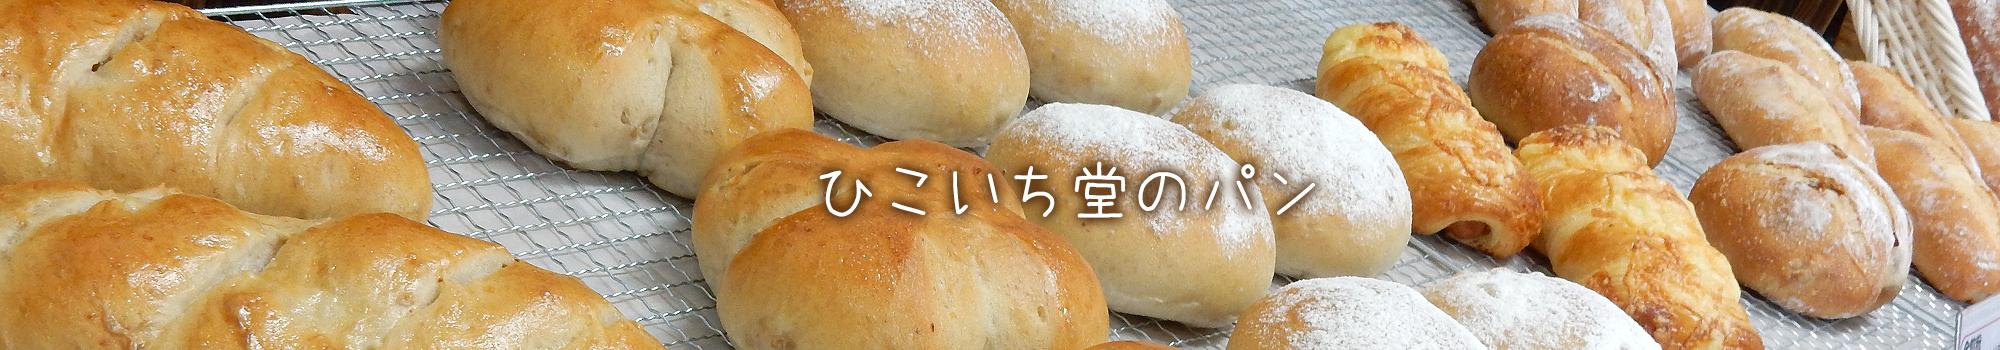 パンの紹介